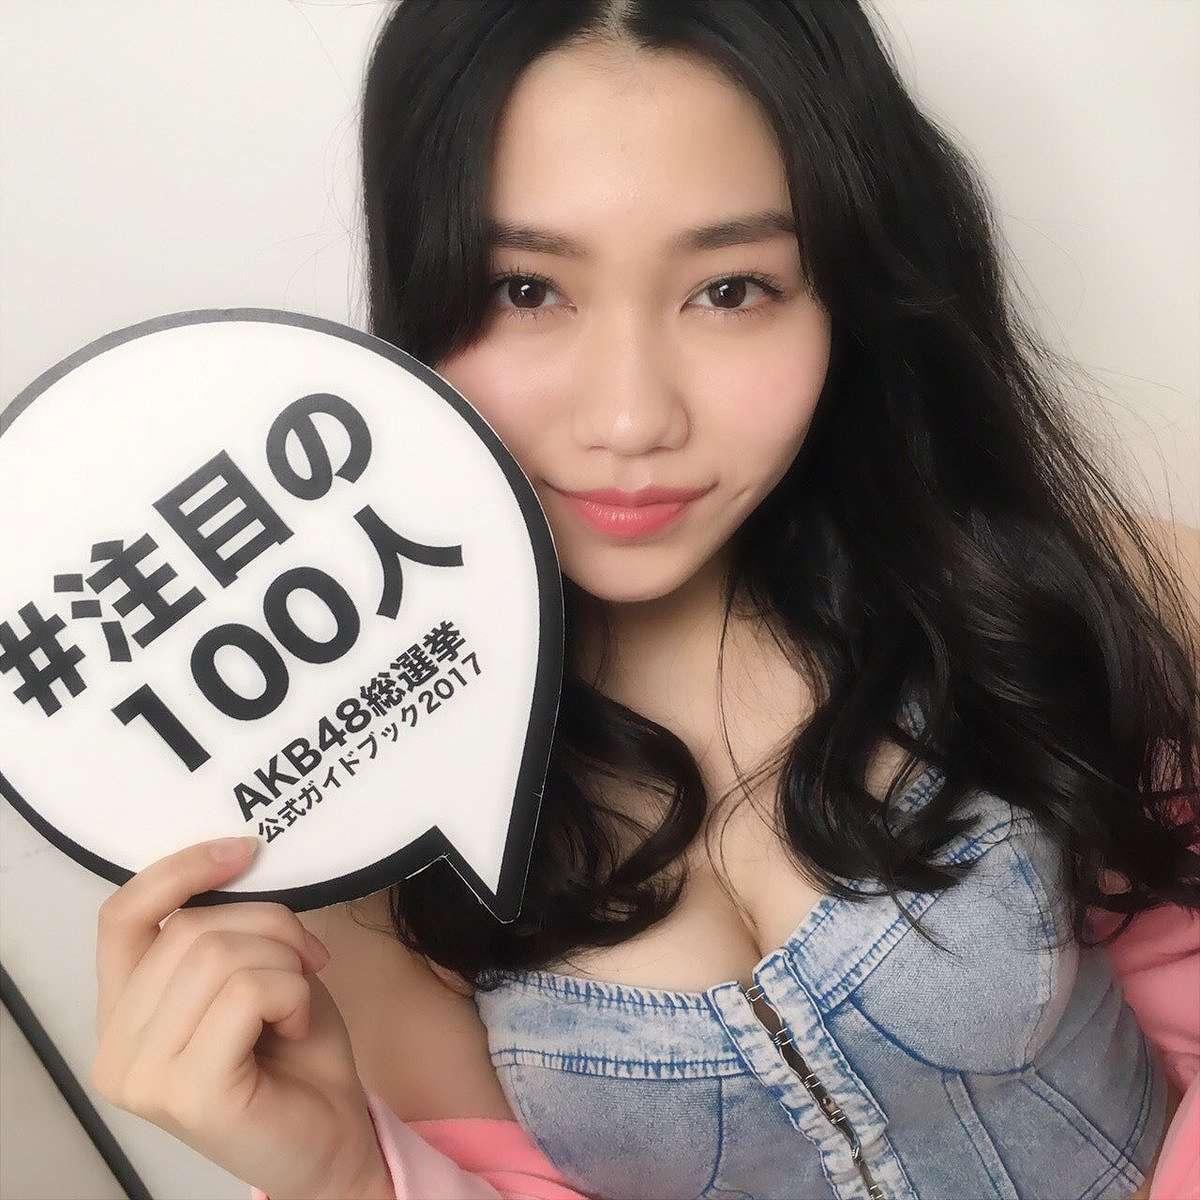 総選挙公式ガイドブック2017『注目の100人』の撮影でおっぱい谷間が見える服を着た田野優花